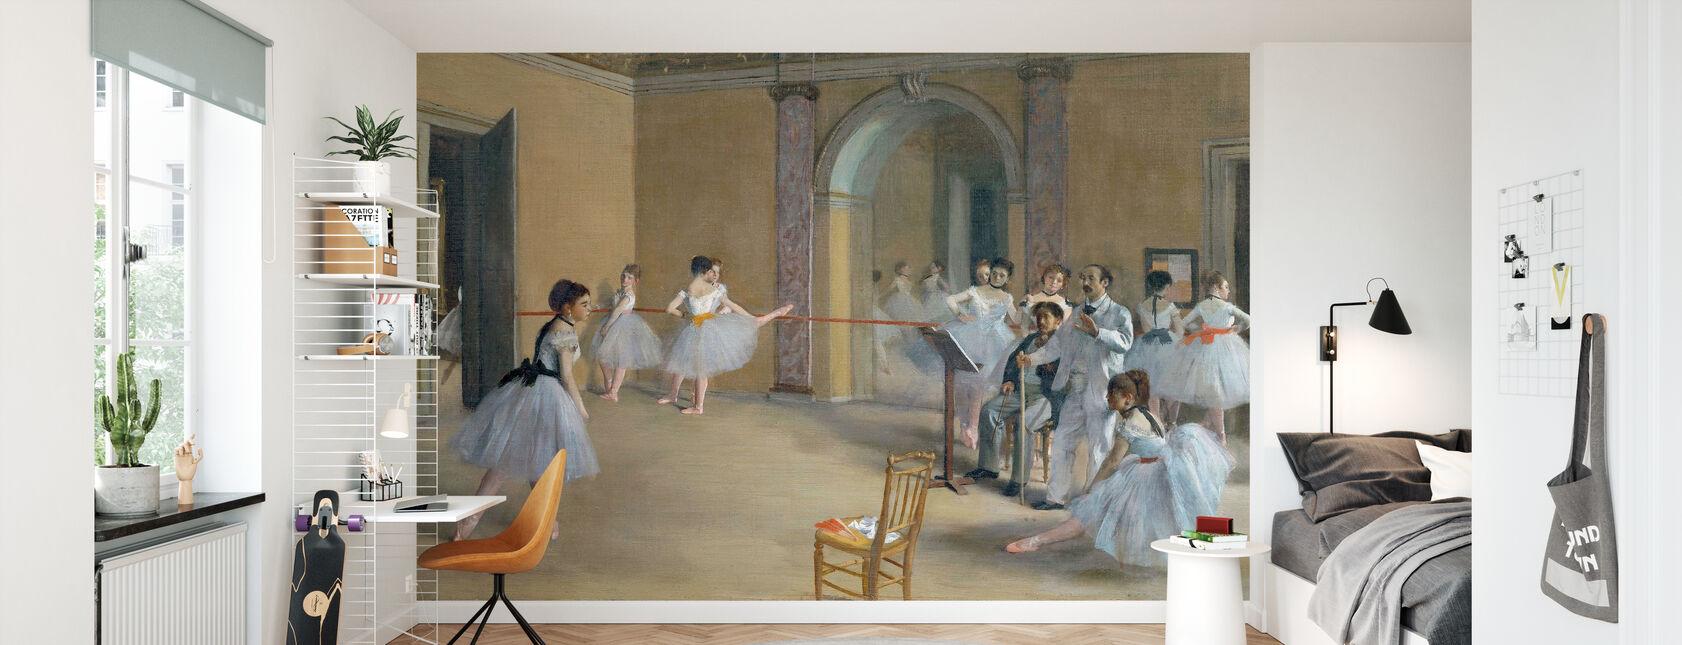 Dansfoyer bij de Opera - Edgar Degas - Behang - Kinderkamer